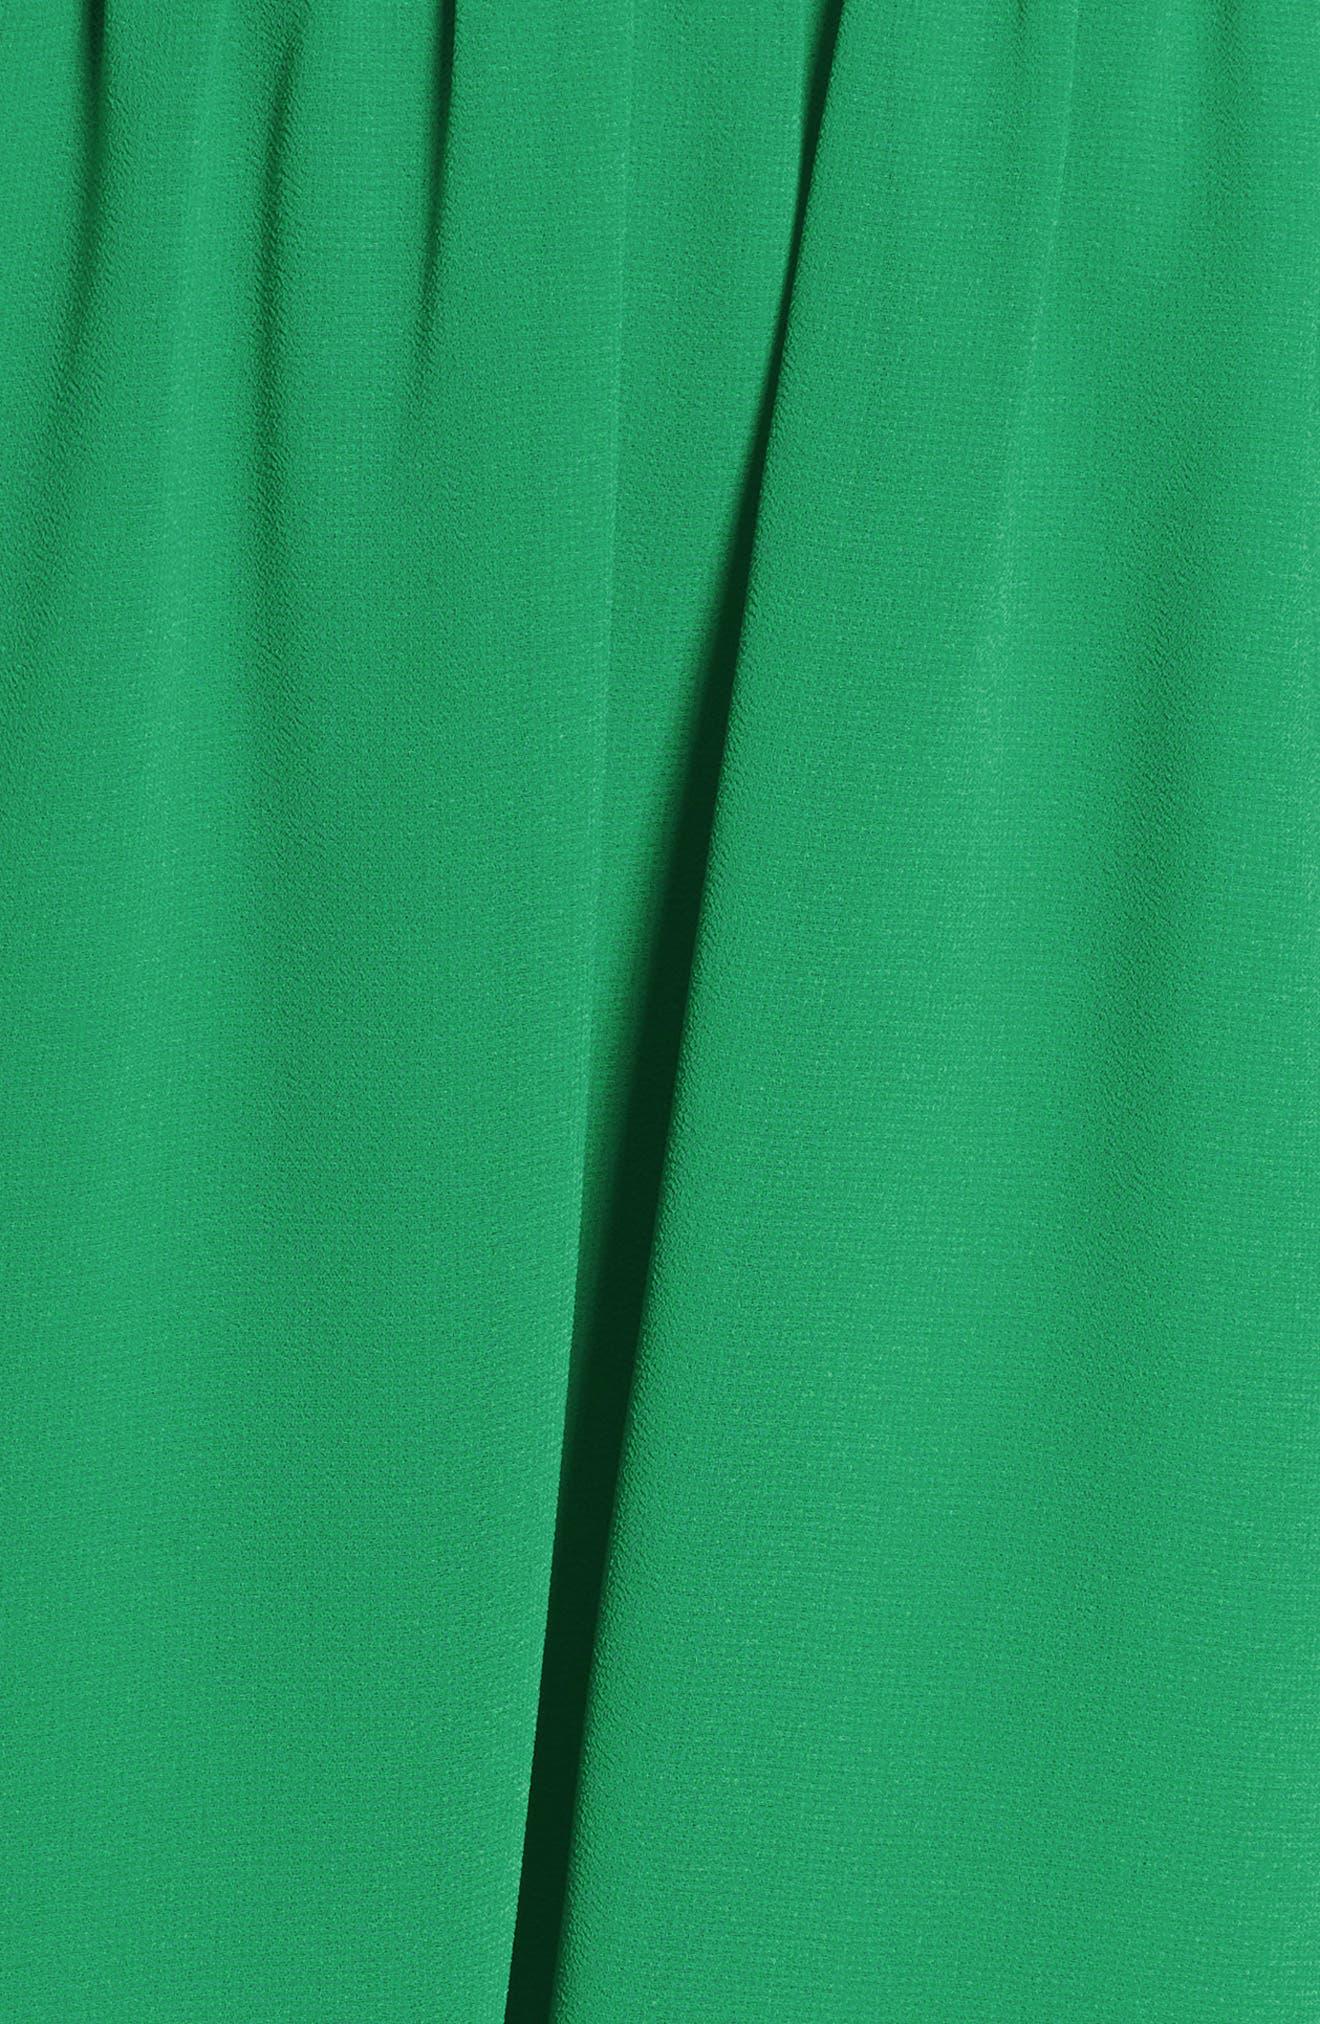 BB Dakota Catia Fit & Flare Dress,                             Alternate thumbnail 6, color,                             300